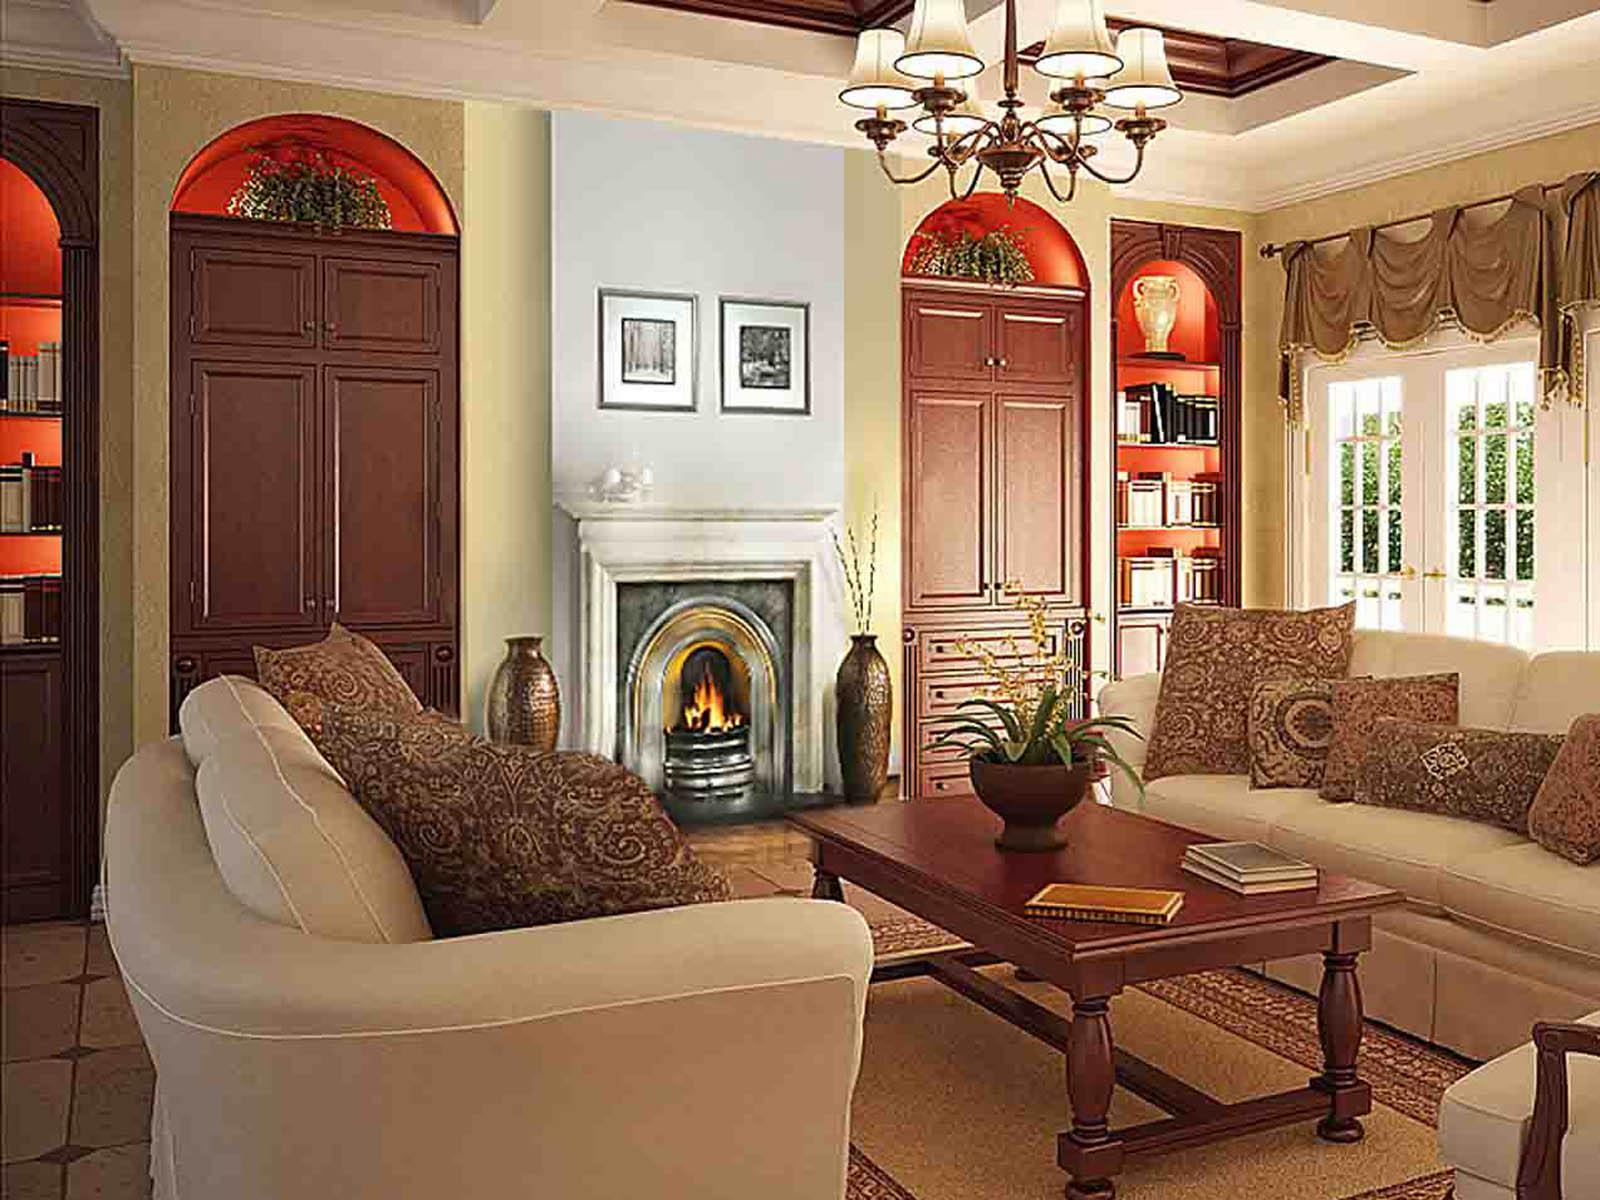 http://4.bp.blogspot.com/-VSDLkBsSXOo/UKpBD7F4H7I/AAAAAAAANuo/DiWvXYm0_PQ/s1600/Modern+Living+Room+Photos+03.jpg